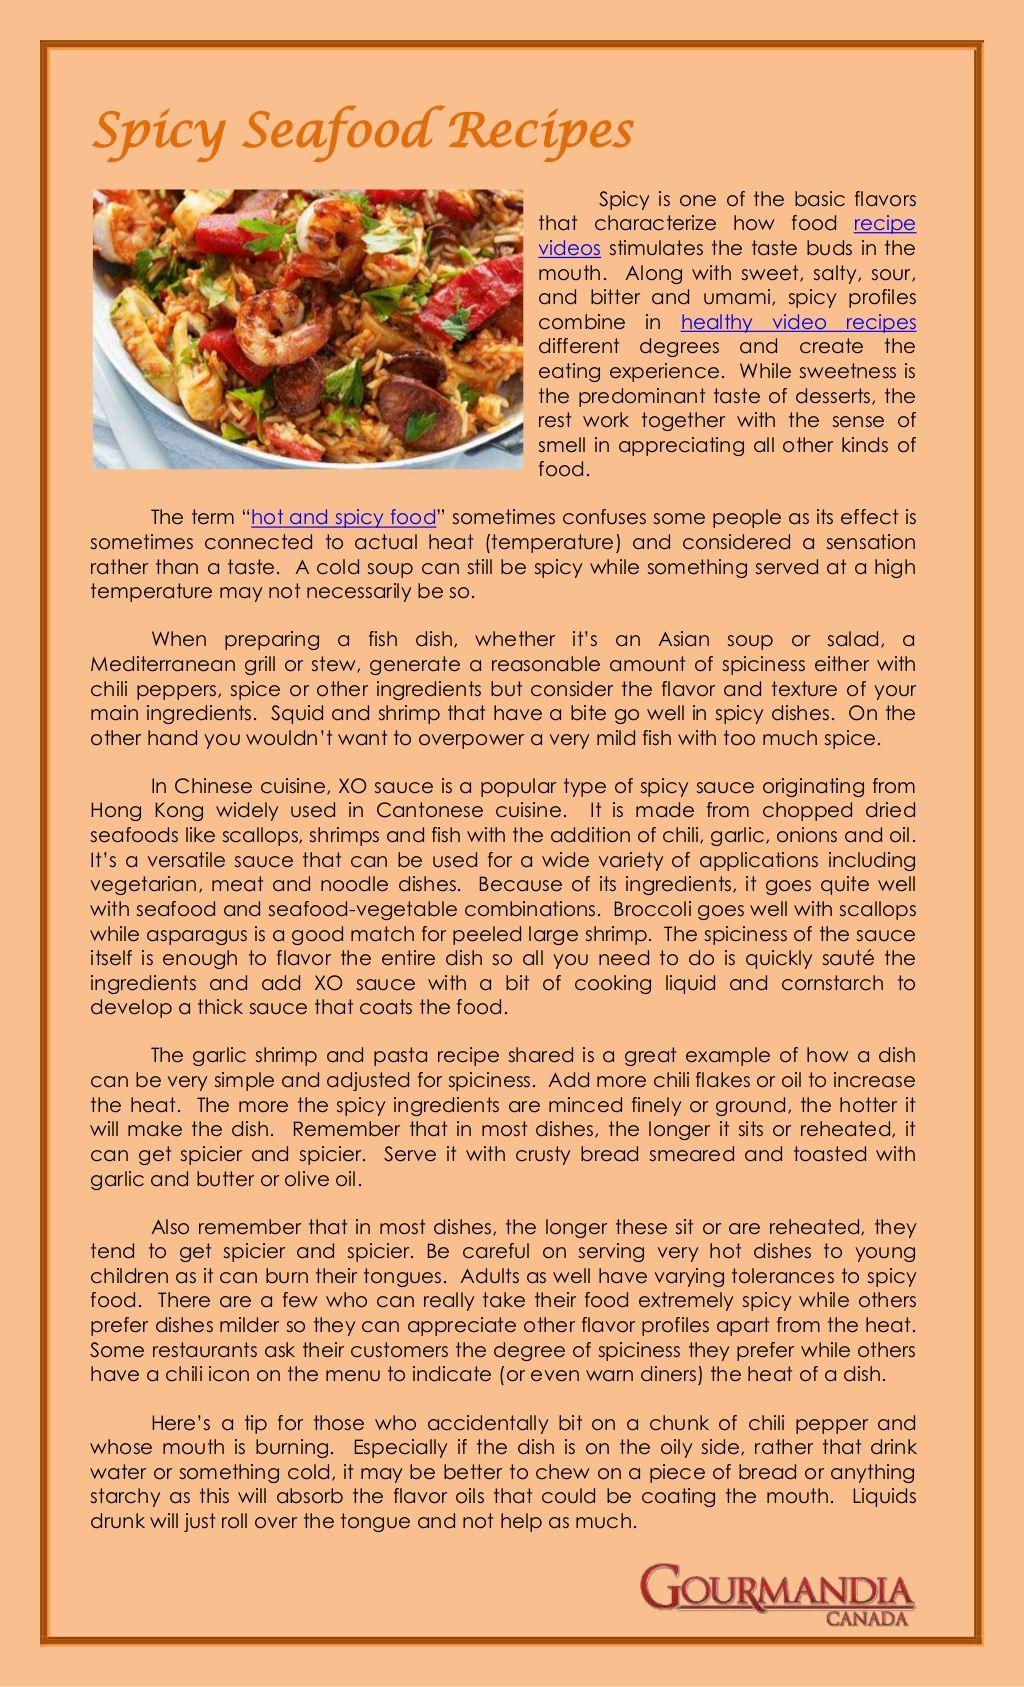 spicy-seafood-recipes-17274175 by Mirriam Venes via